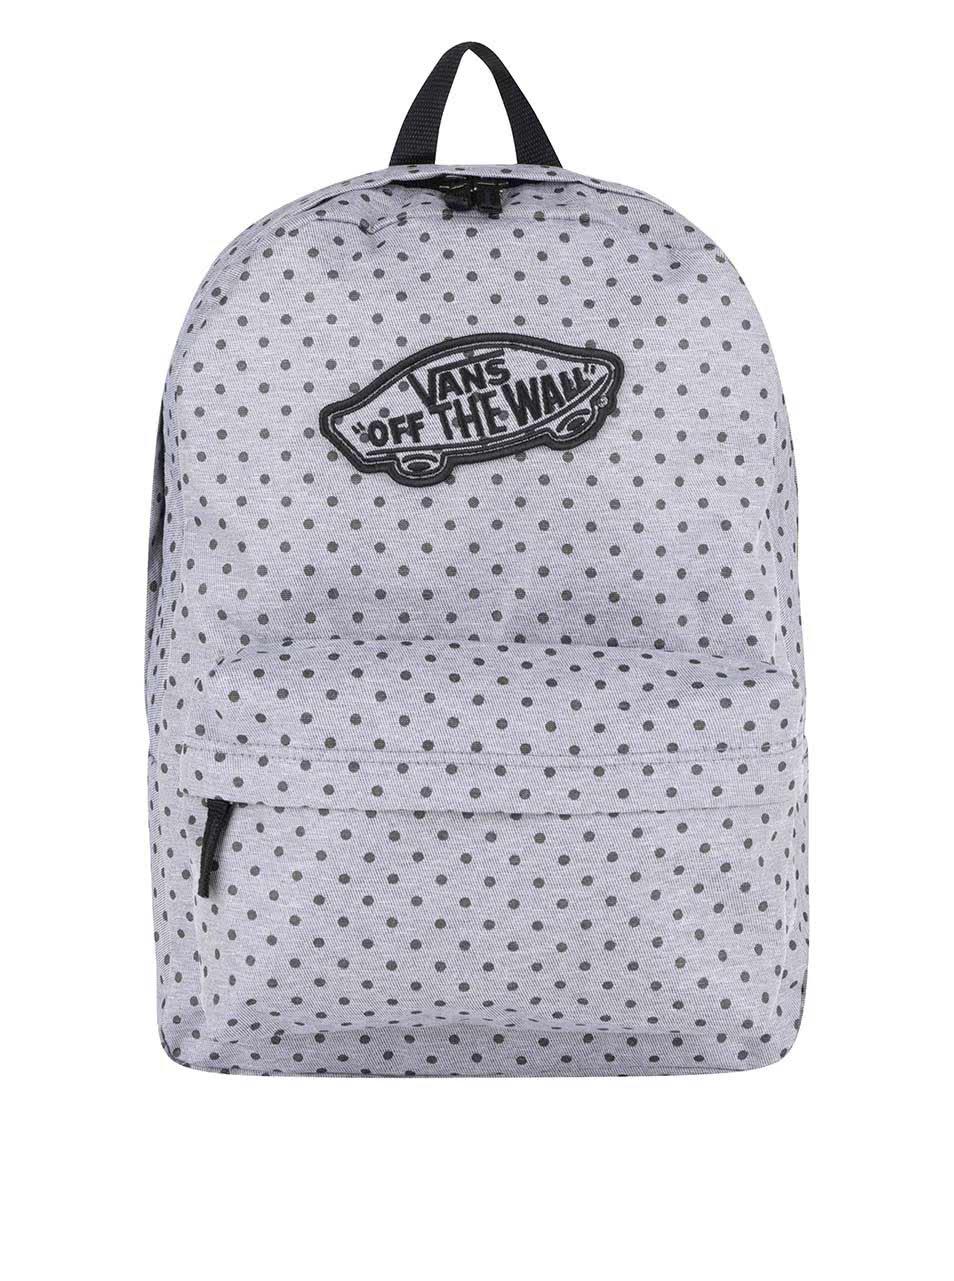 Šedý dámský batoh s puntíky Vans Realm ... 24a84d7425